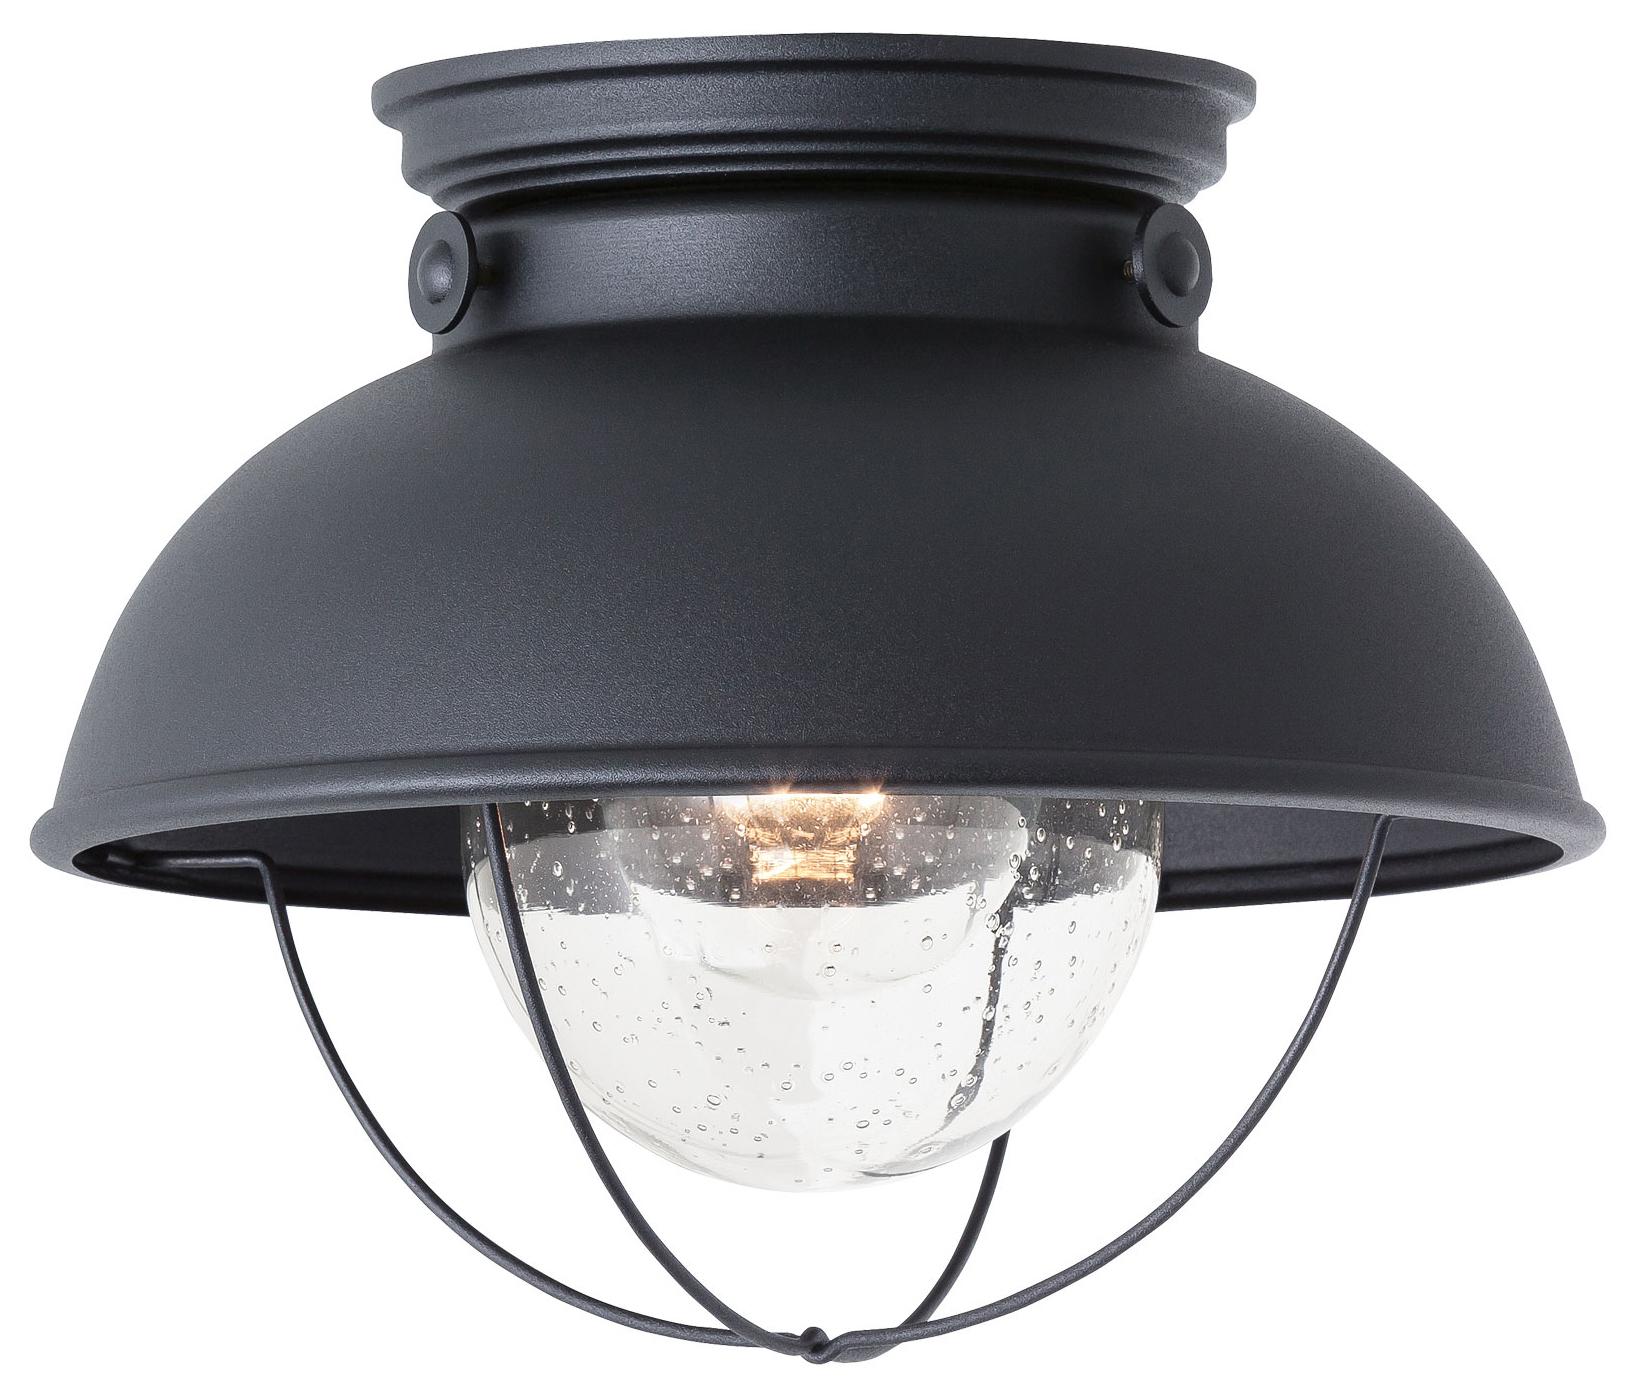 Sebring Ceiling Light Fixture By Sea Gull Lighting 8869 12